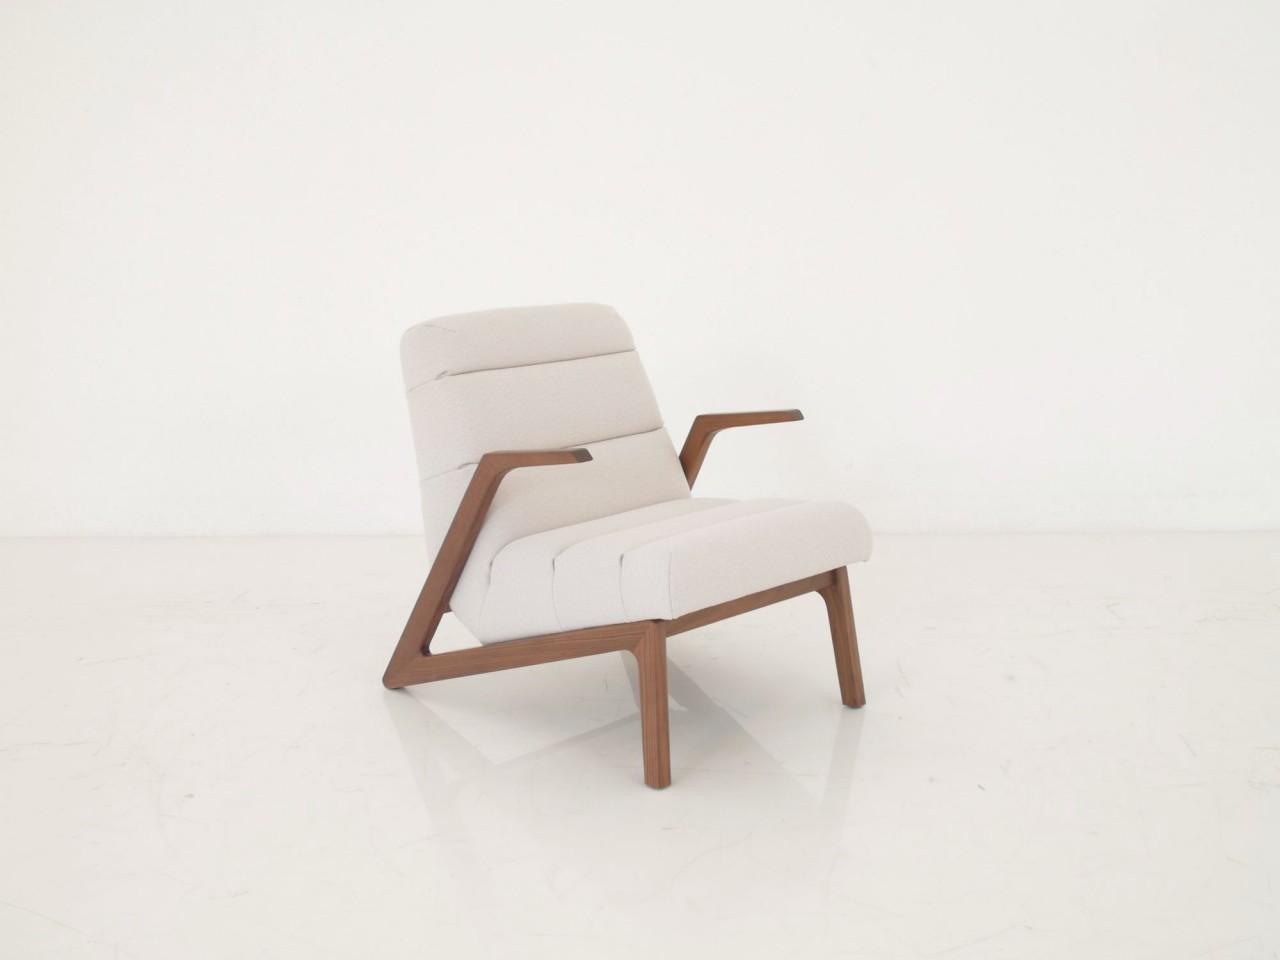 Rolf Benz 580 Sessel In Stoff Elfenbein Mit Nussbaum Gestell Rolf